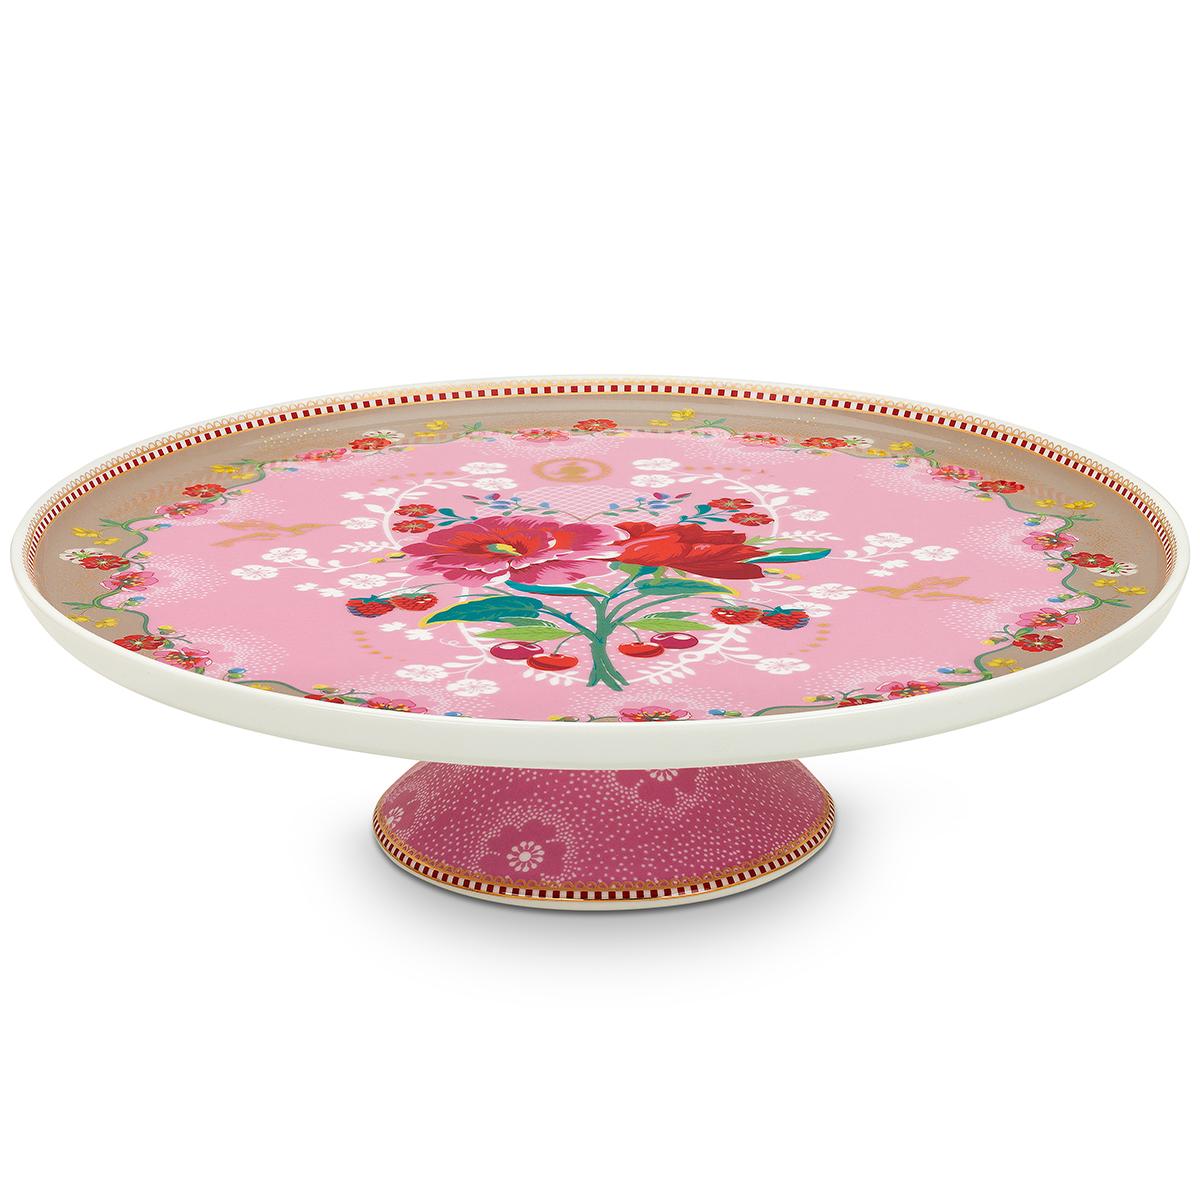 Billede af Pip Studio kagefad - Floral - Ø 30,5 cm - Pink